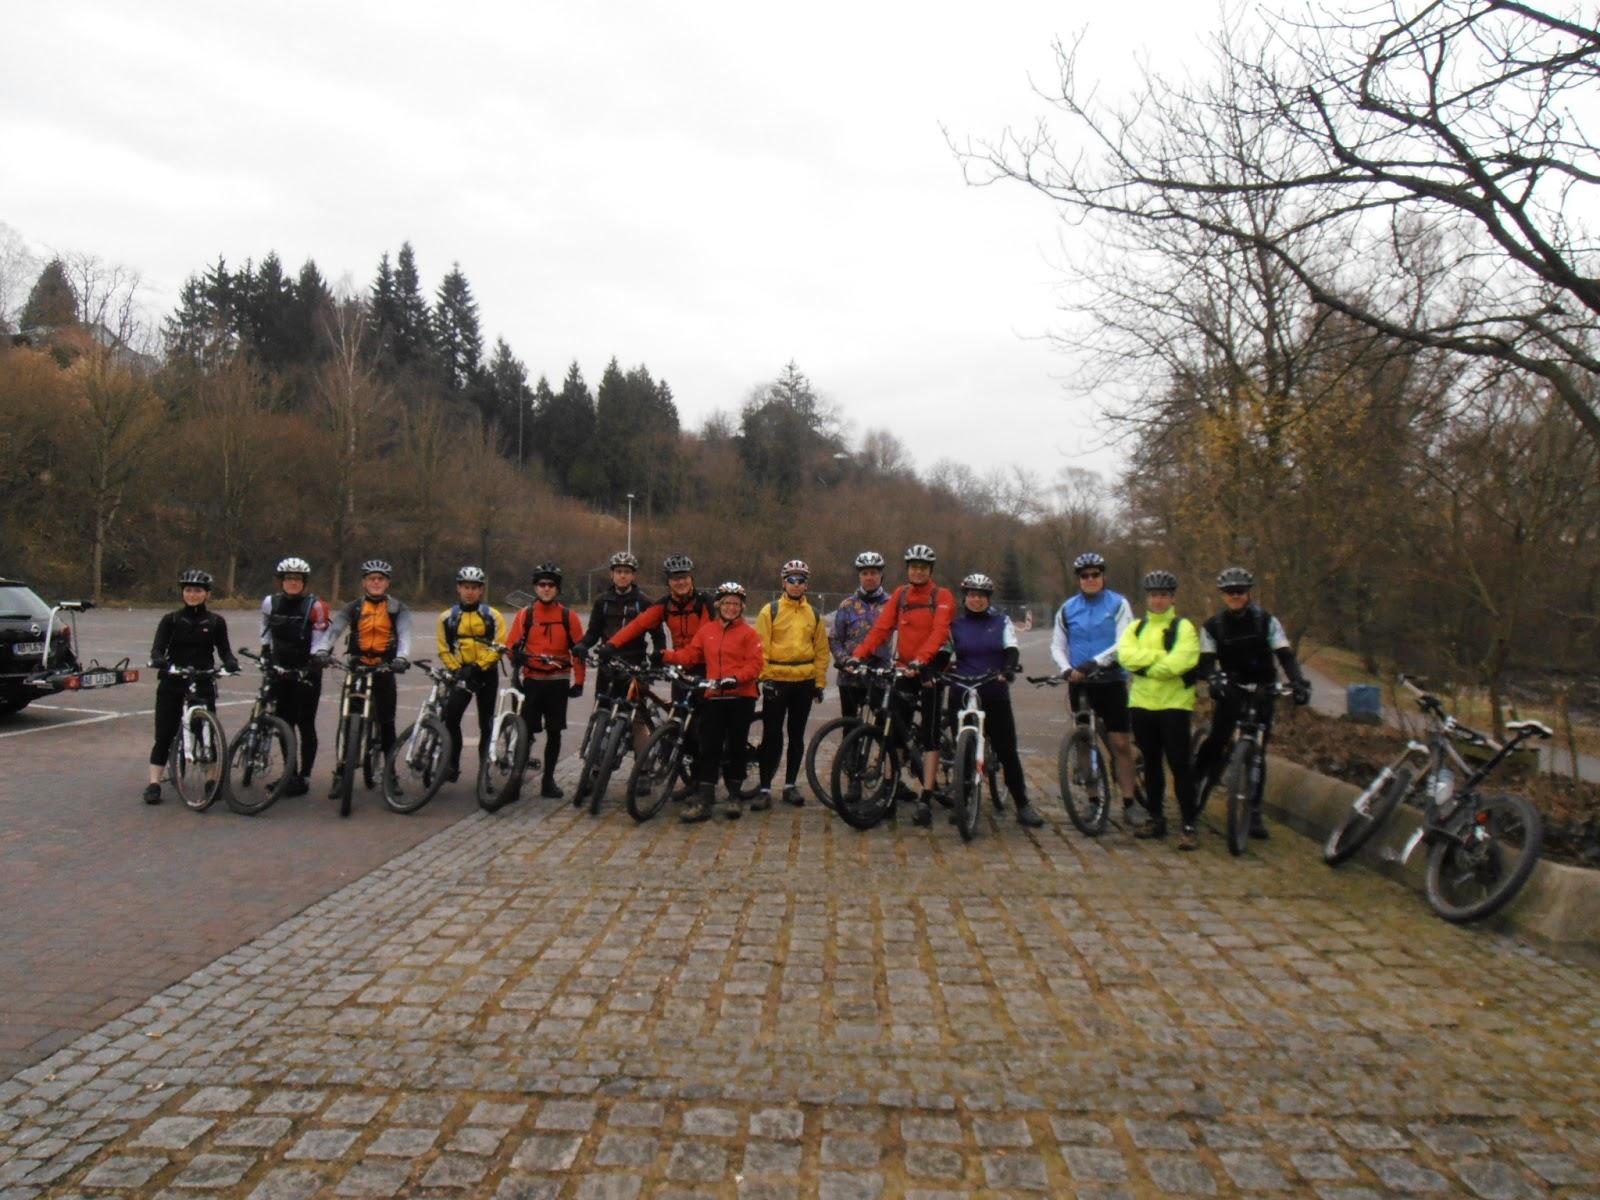 Spessart-Biker-Tour am 18.03.2012